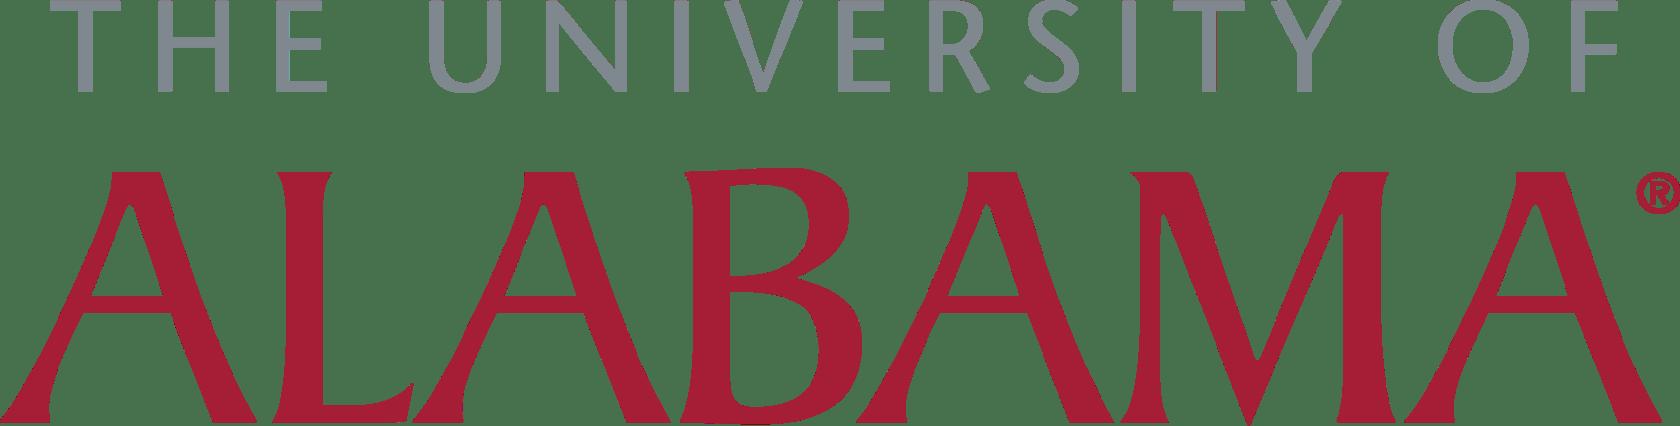 University-Alabama